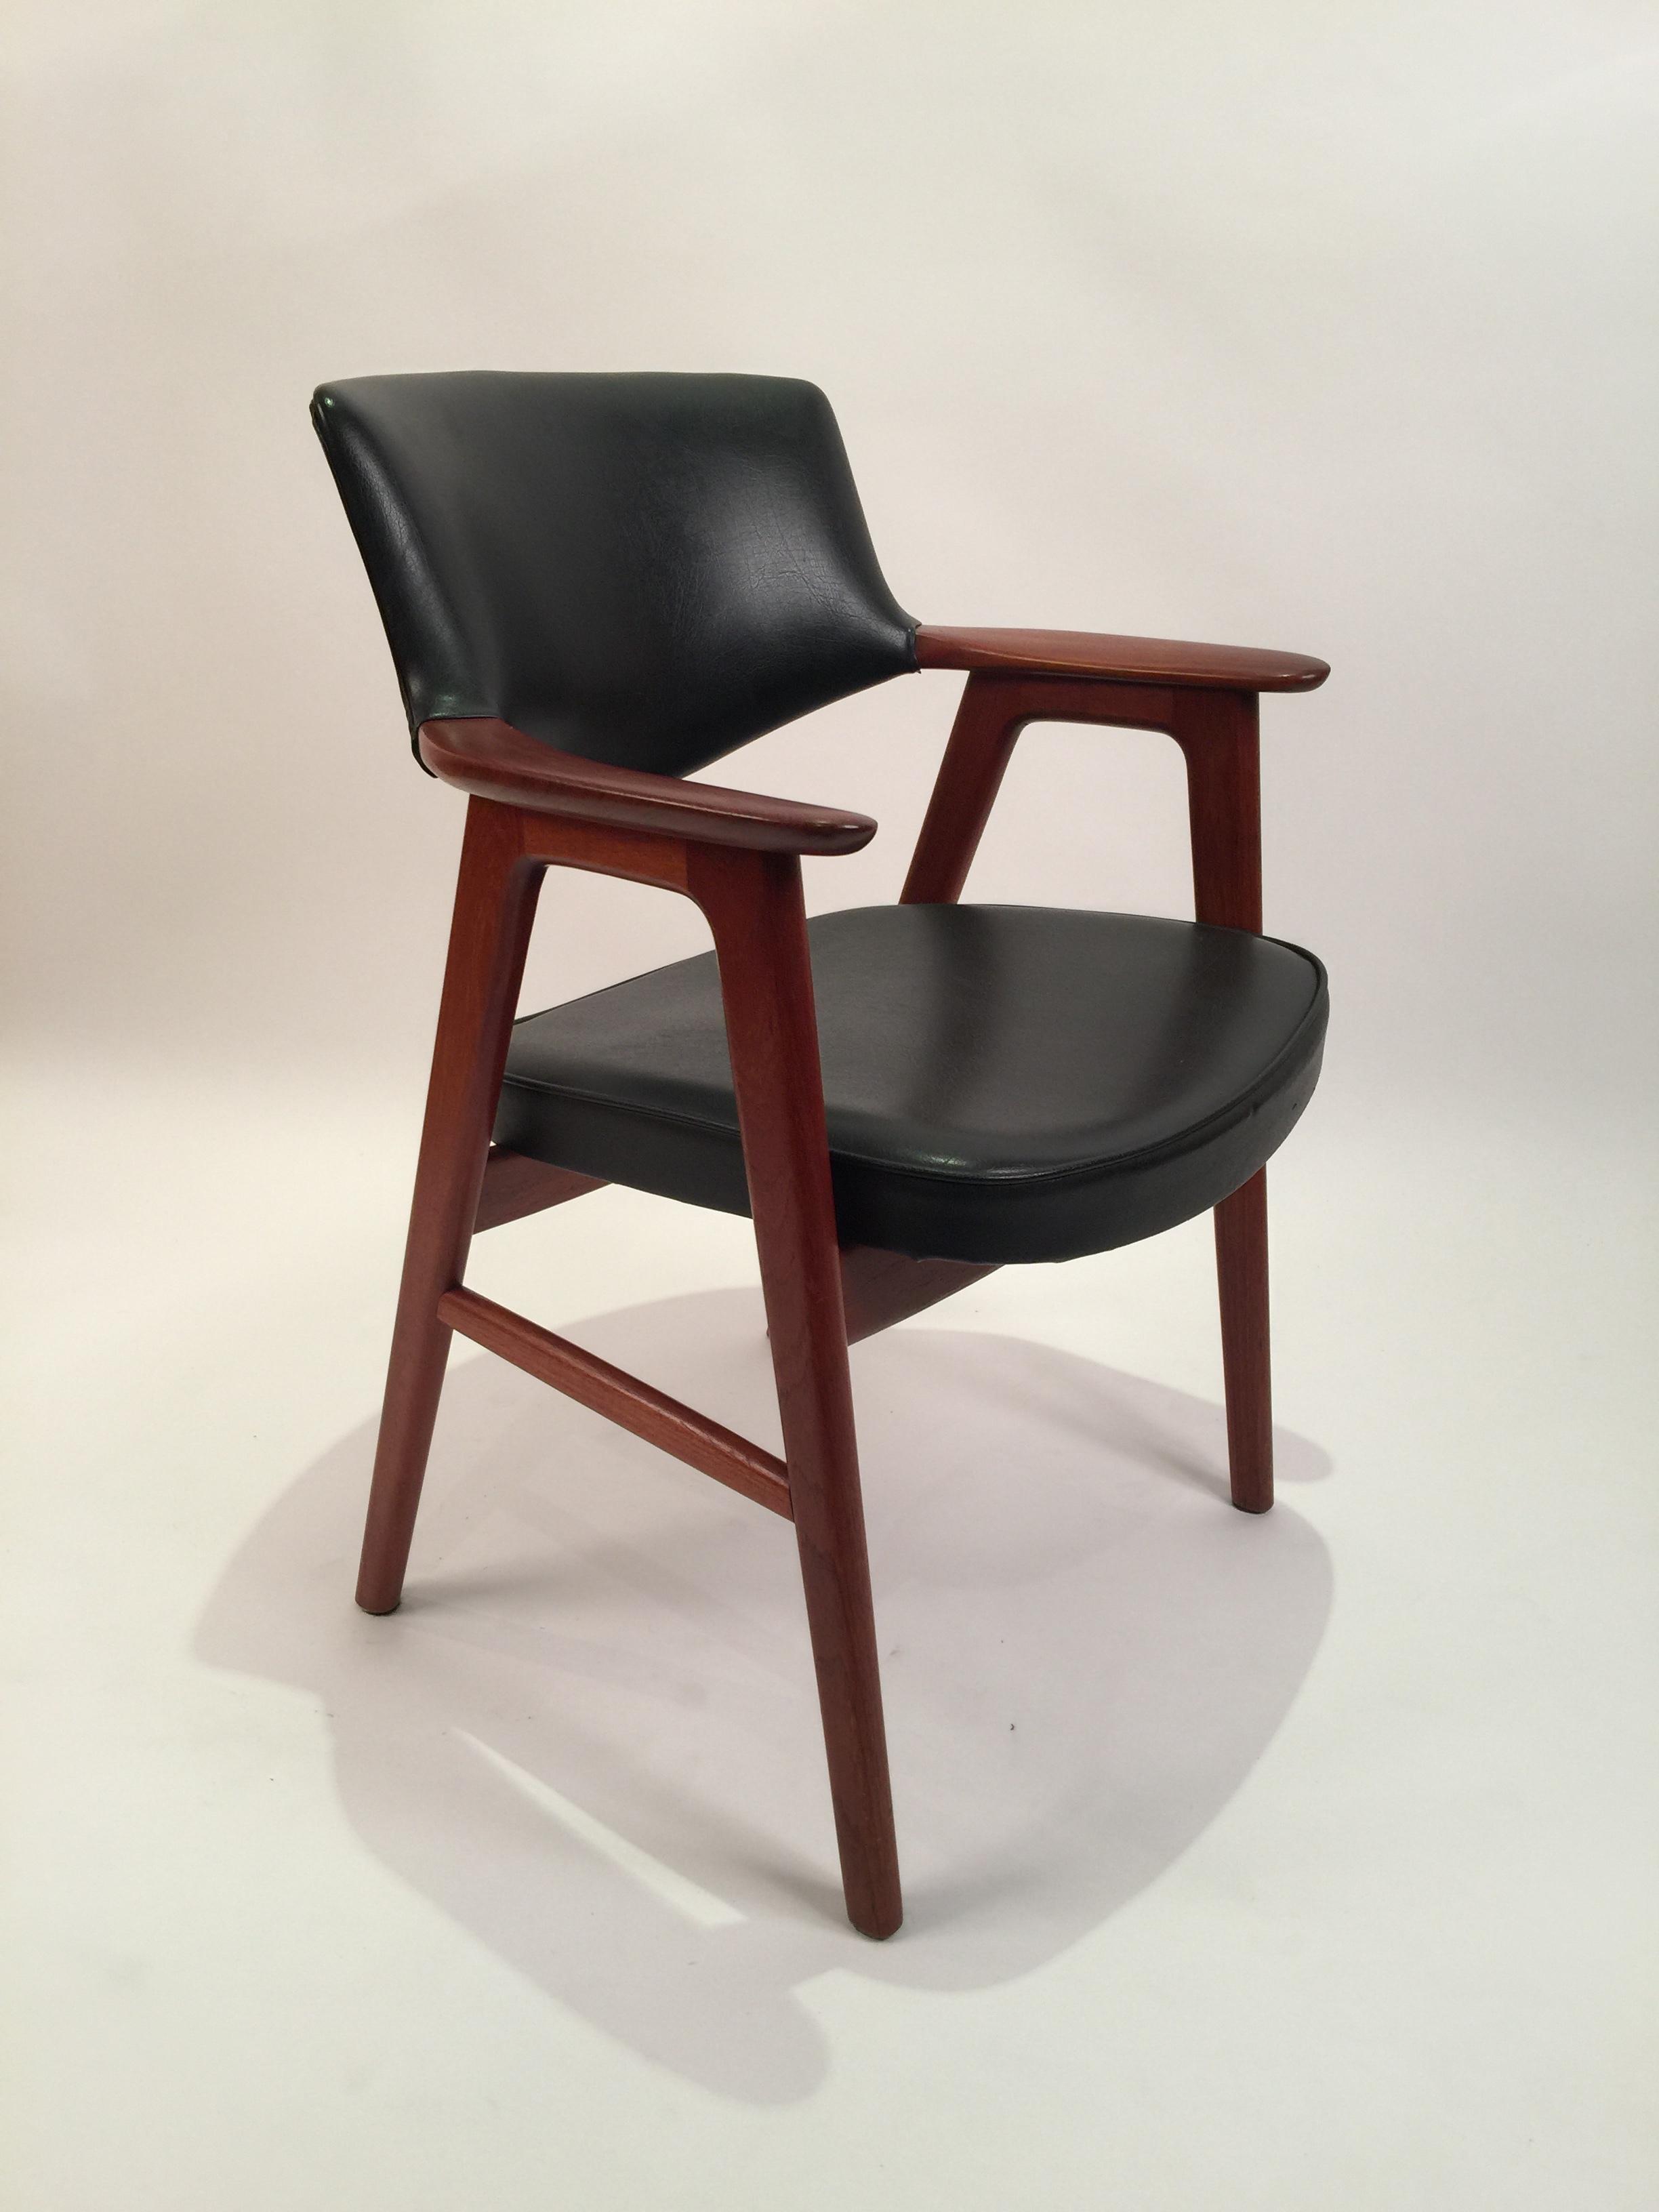 Erik Kierkegaard for Hong Stolfabrik armchair in black leather 10.JPG